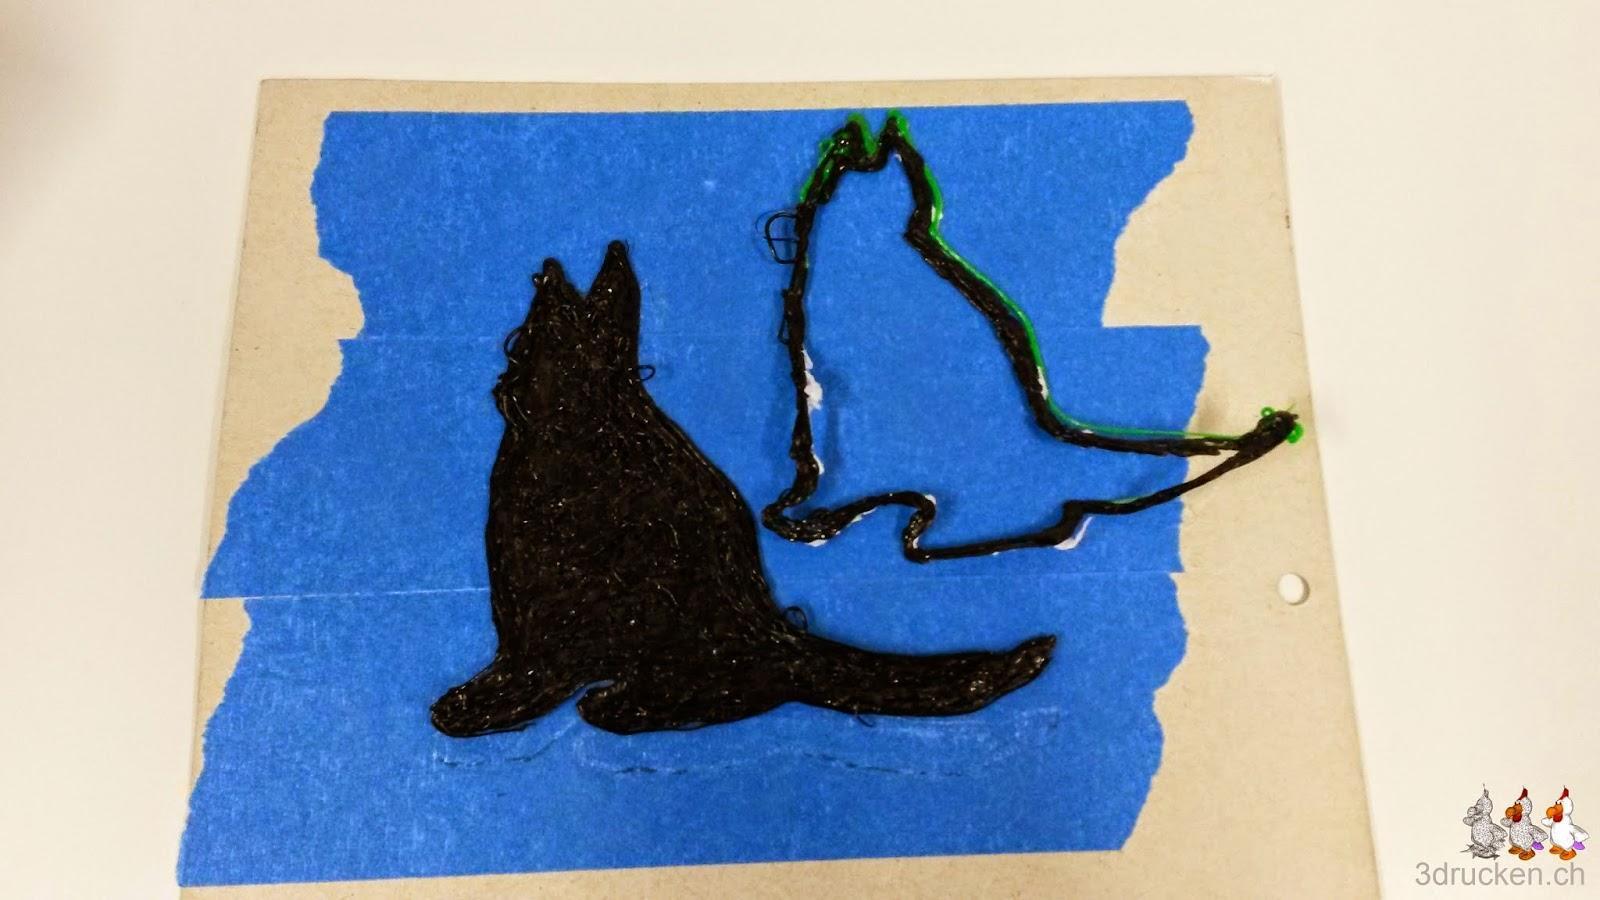 Foto von zwei Druckversuchen mit dem 3Doodler eine Katze zu erstellen